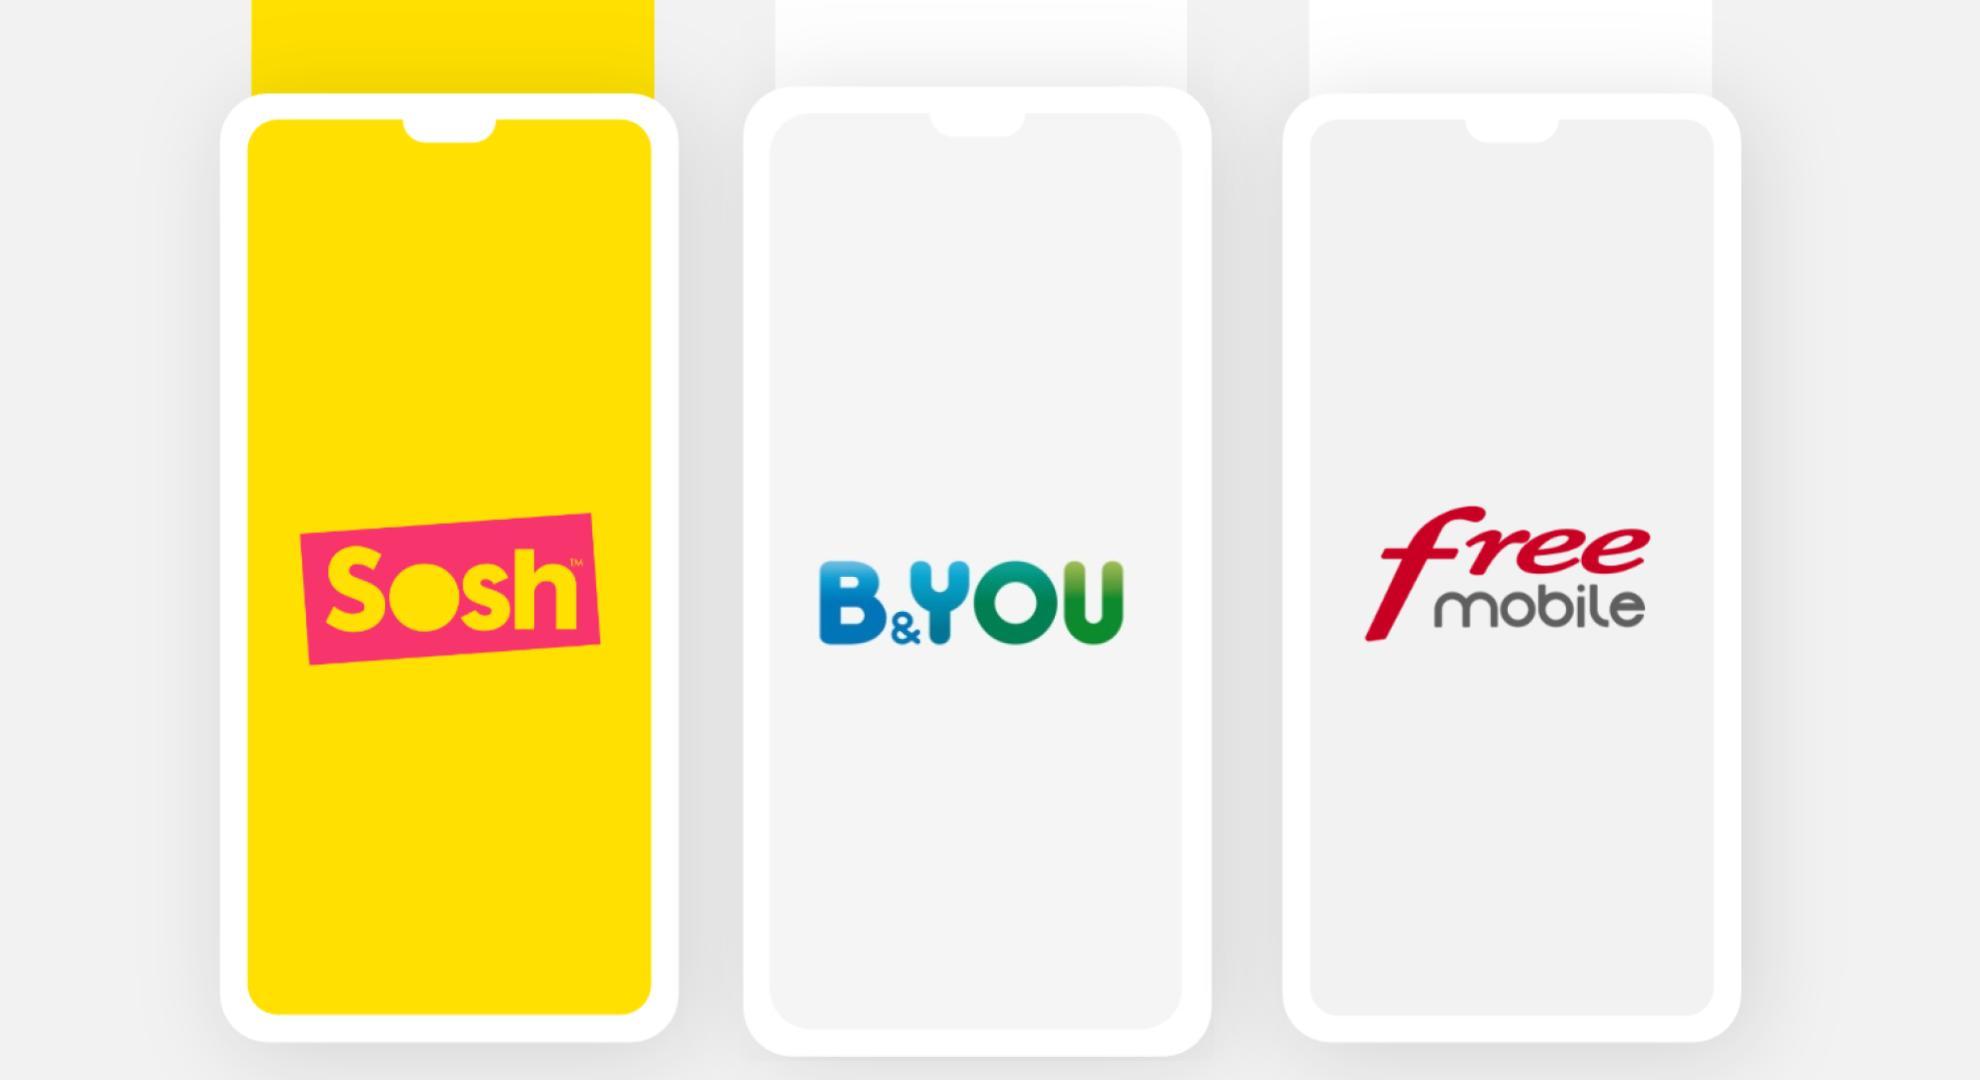 Forfait mobile : les offres sans engagement Sosh, Bouygues et Free – derniers jours